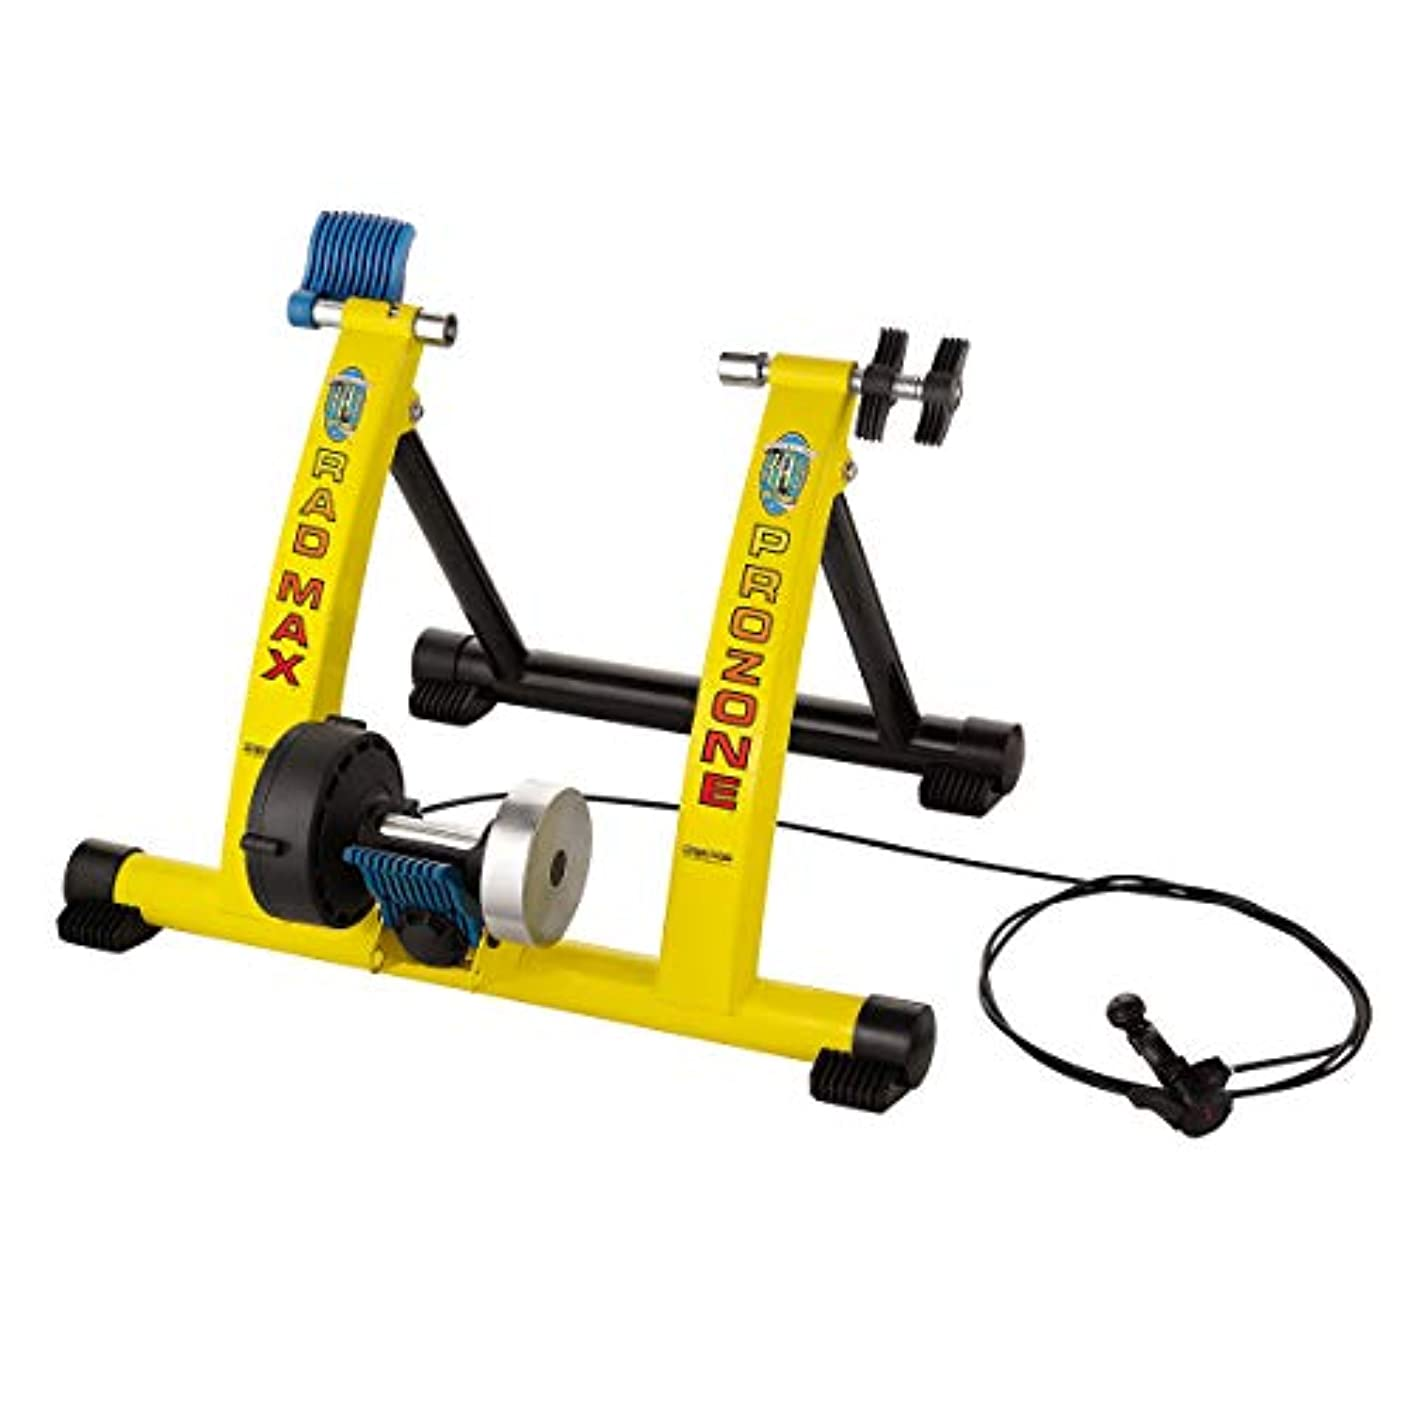 排他的スカーフ詐欺師RAD Cycle Products Rad Pro Zone Smooth Magnetic Resistance Bike Trainer by RAD Cycle Products